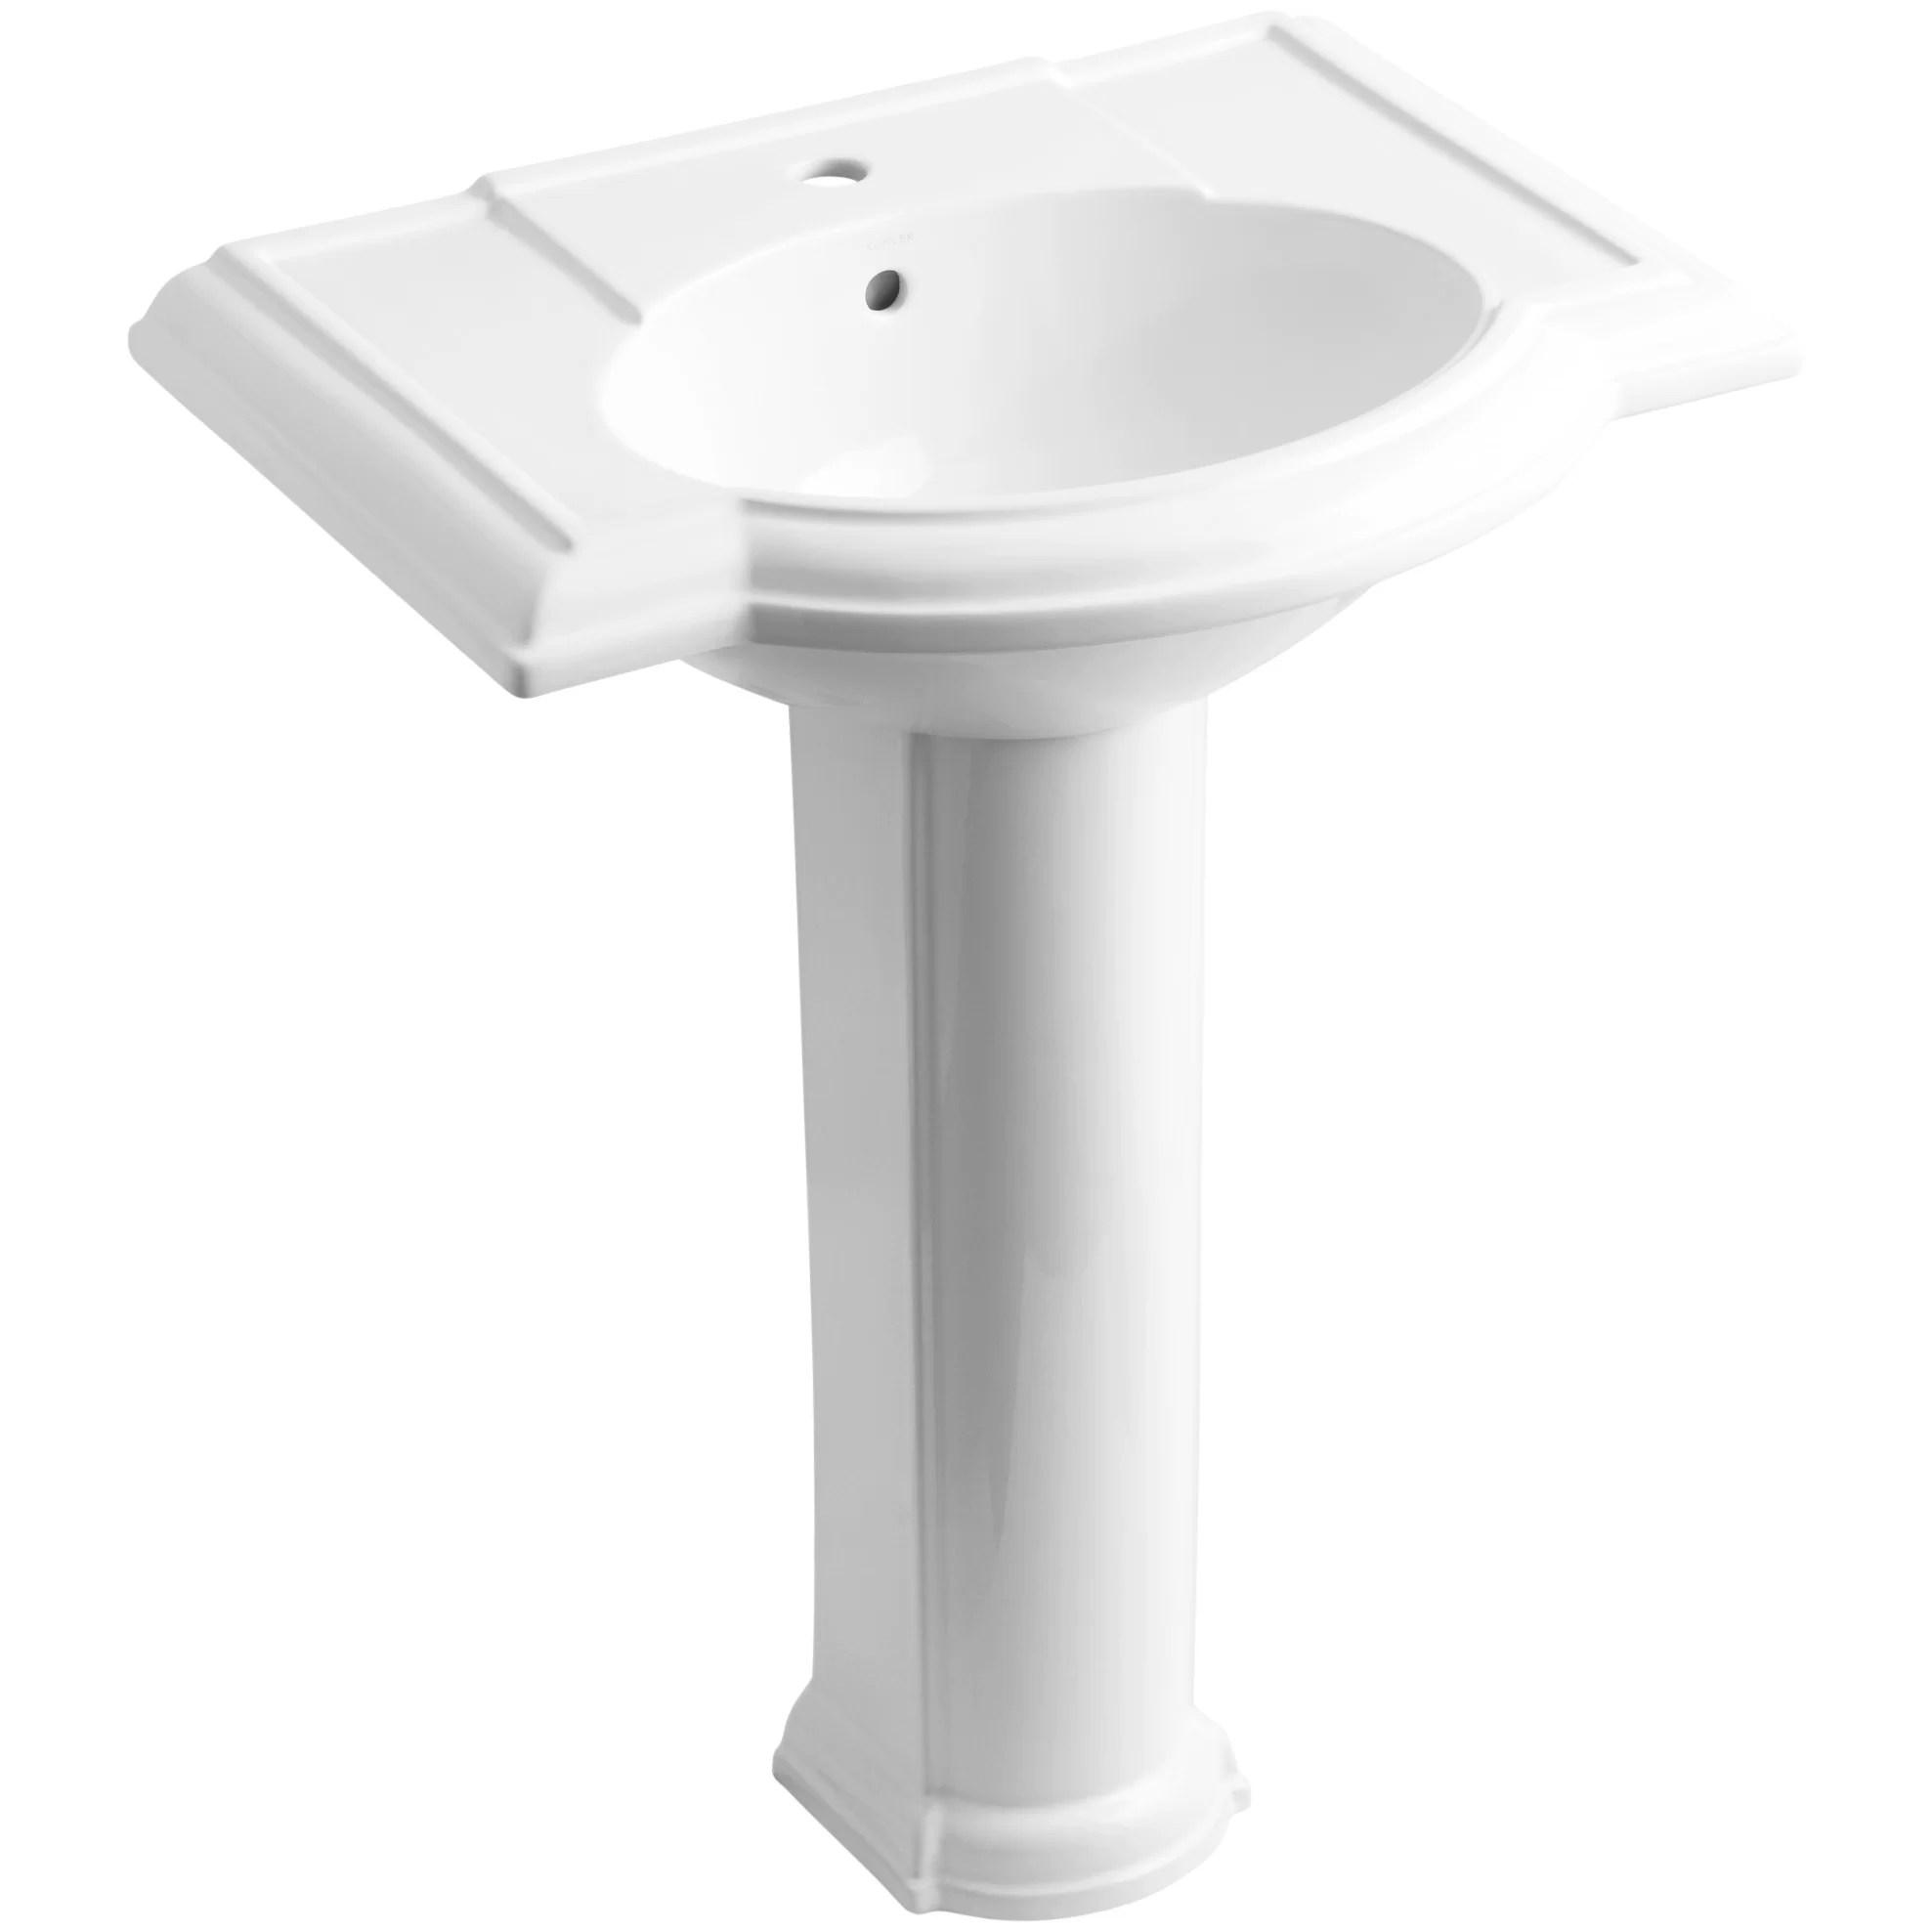 Kohler Devonshire 27quot Pedestal Bathroom Sink Reviews